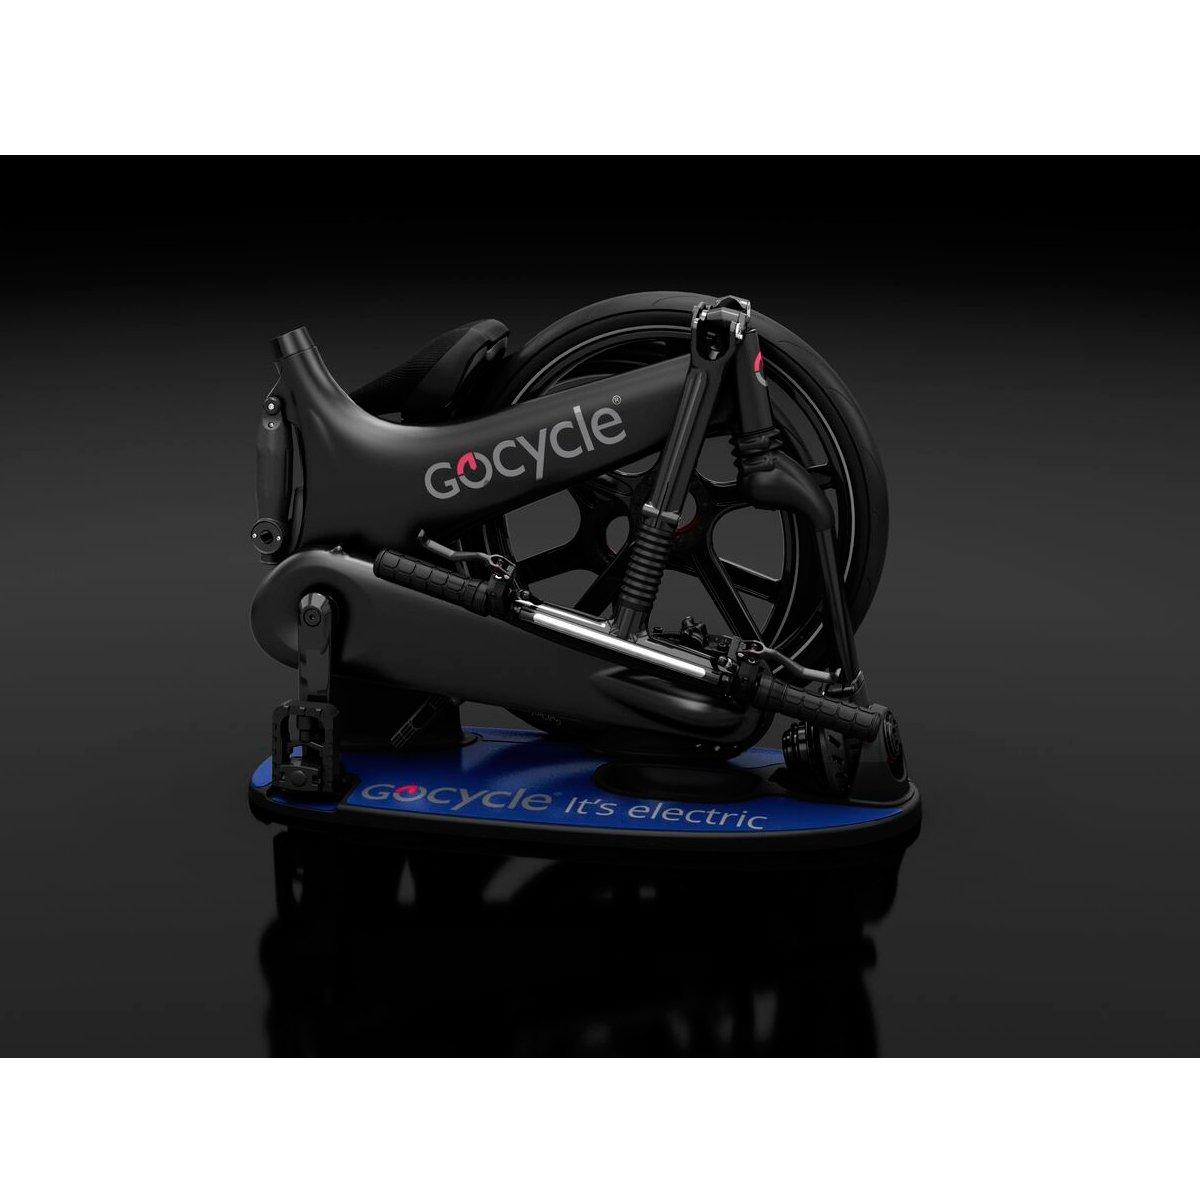 Bicicleta eléctrica plegable de diseño, GoCycle G3 negra con base pack + Vuelo de regalo a Europa para 2 personas: Amazon.es: Deportes y aire libre